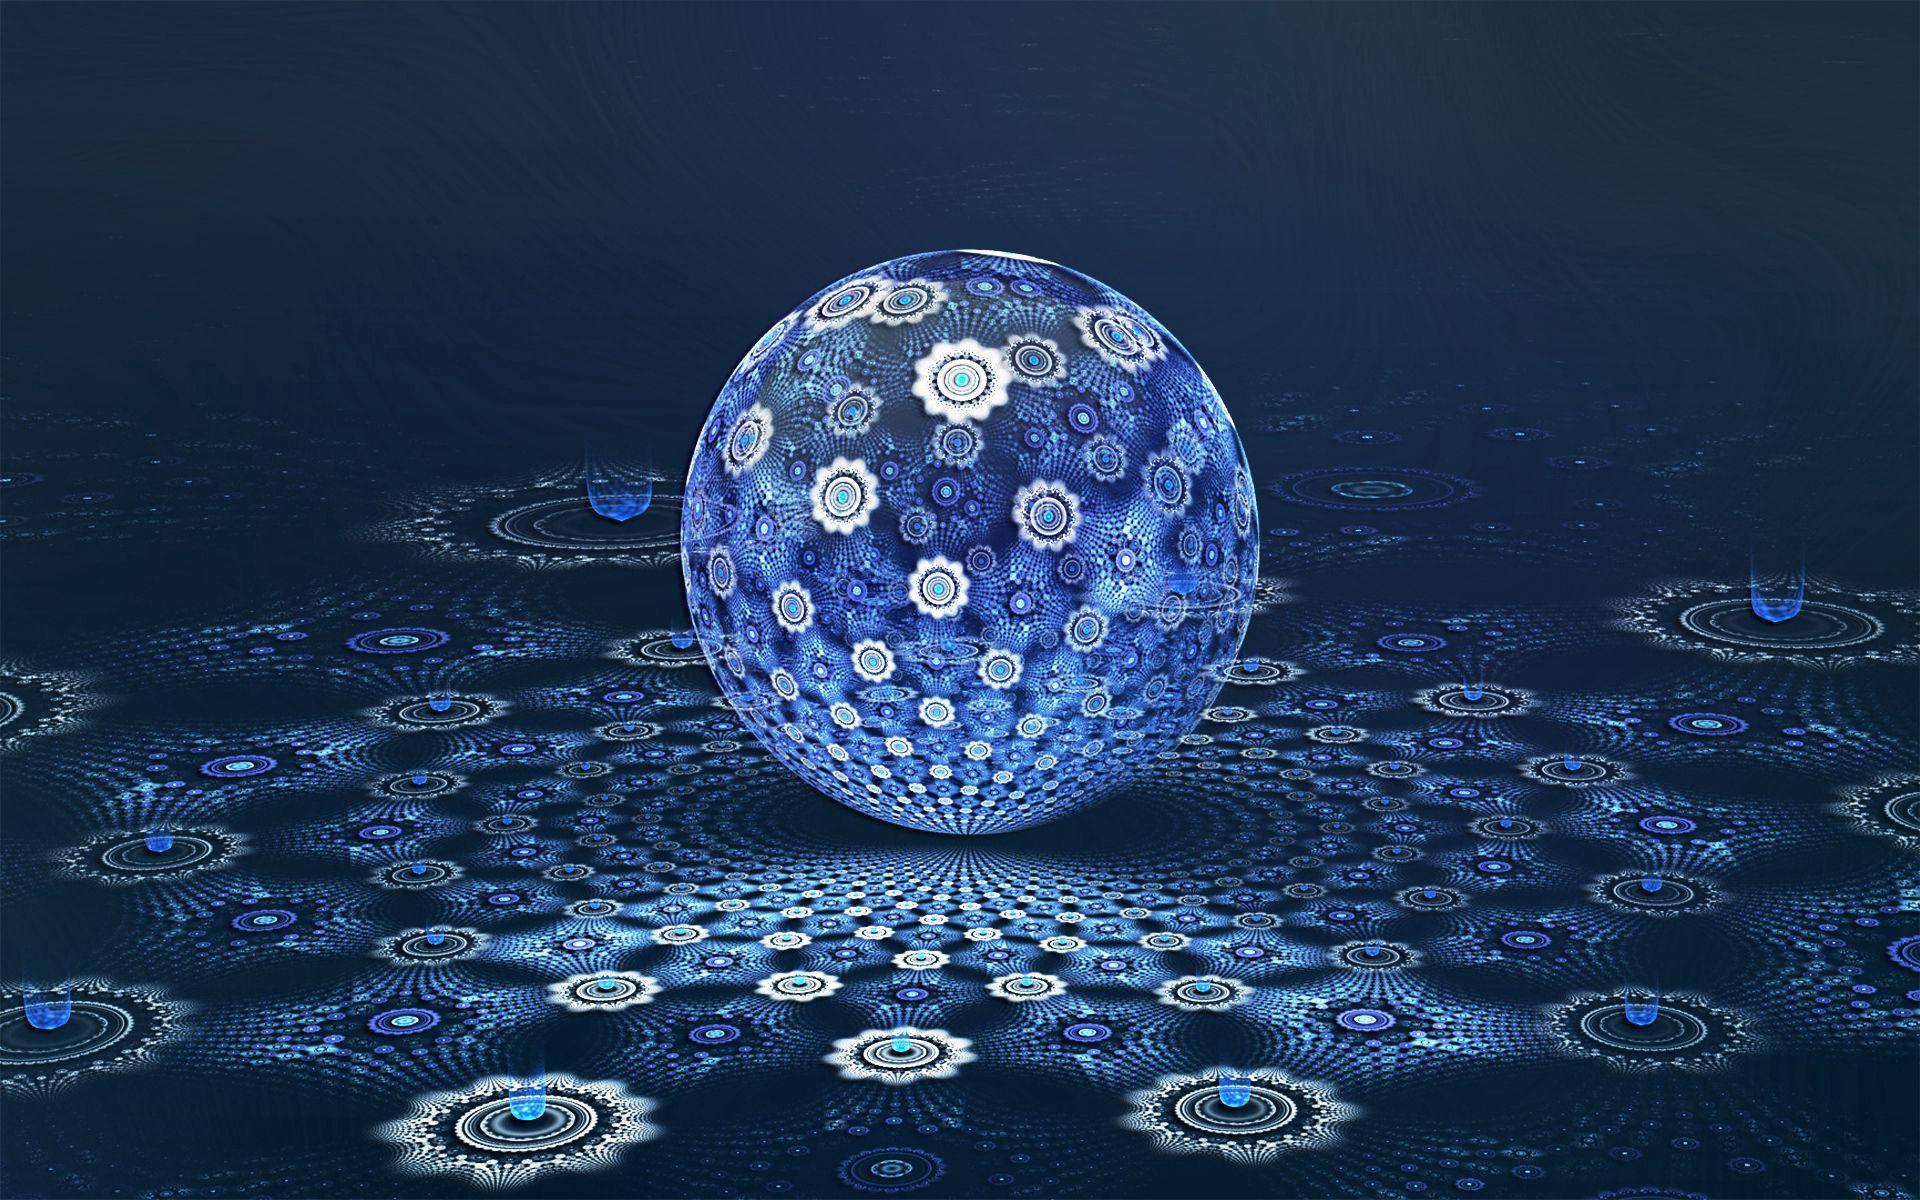 131284 завантажити шпалери Абстракція, Куля, М'яч, Простір, Фон, Темний - заставки і картинки безкоштовно